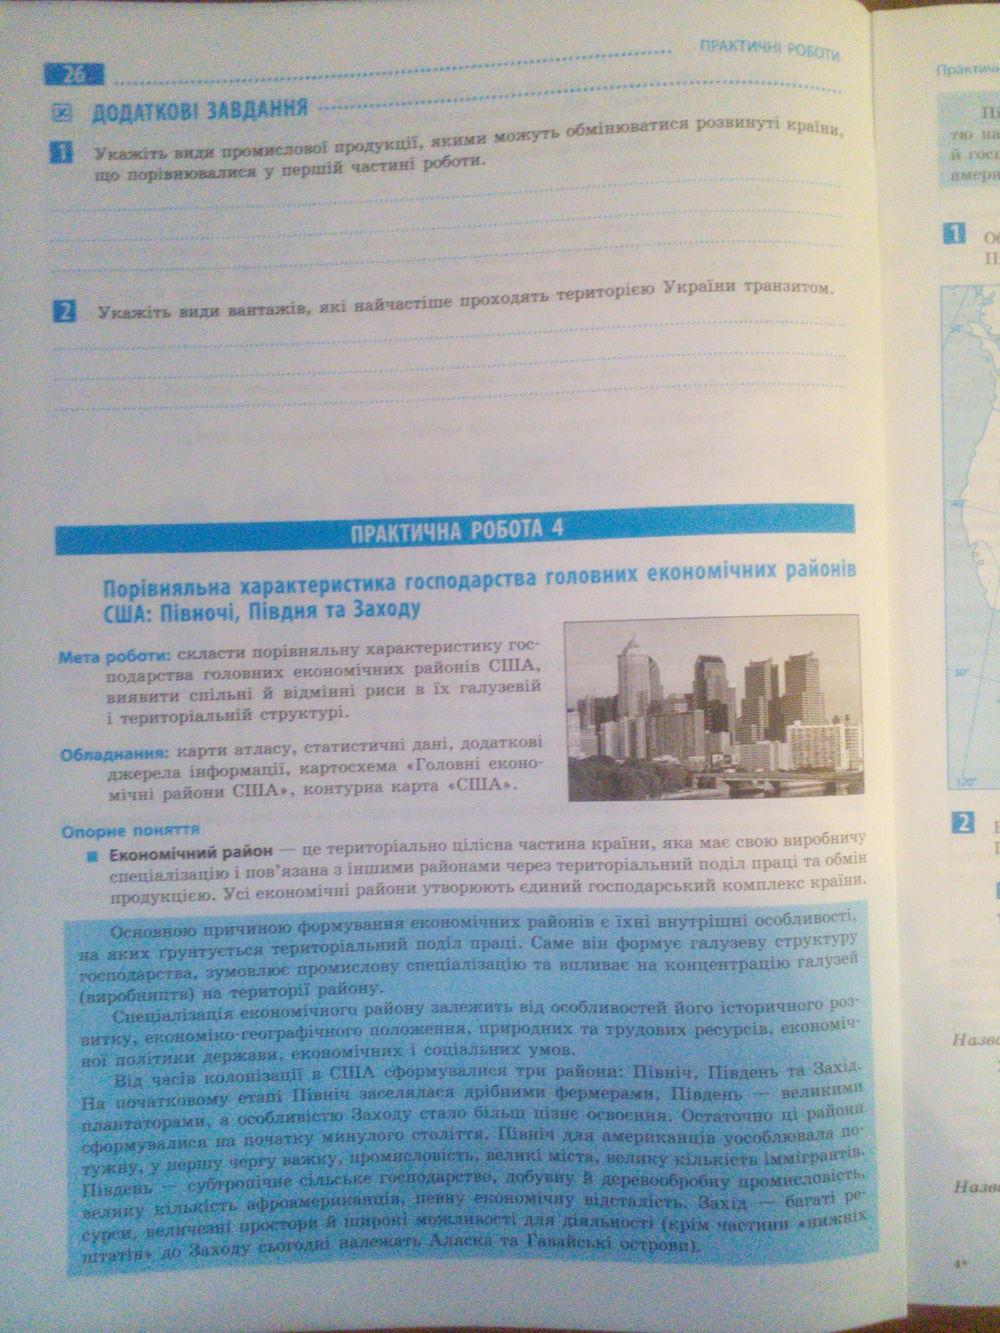 стадник о.г. география 10 гдз класс